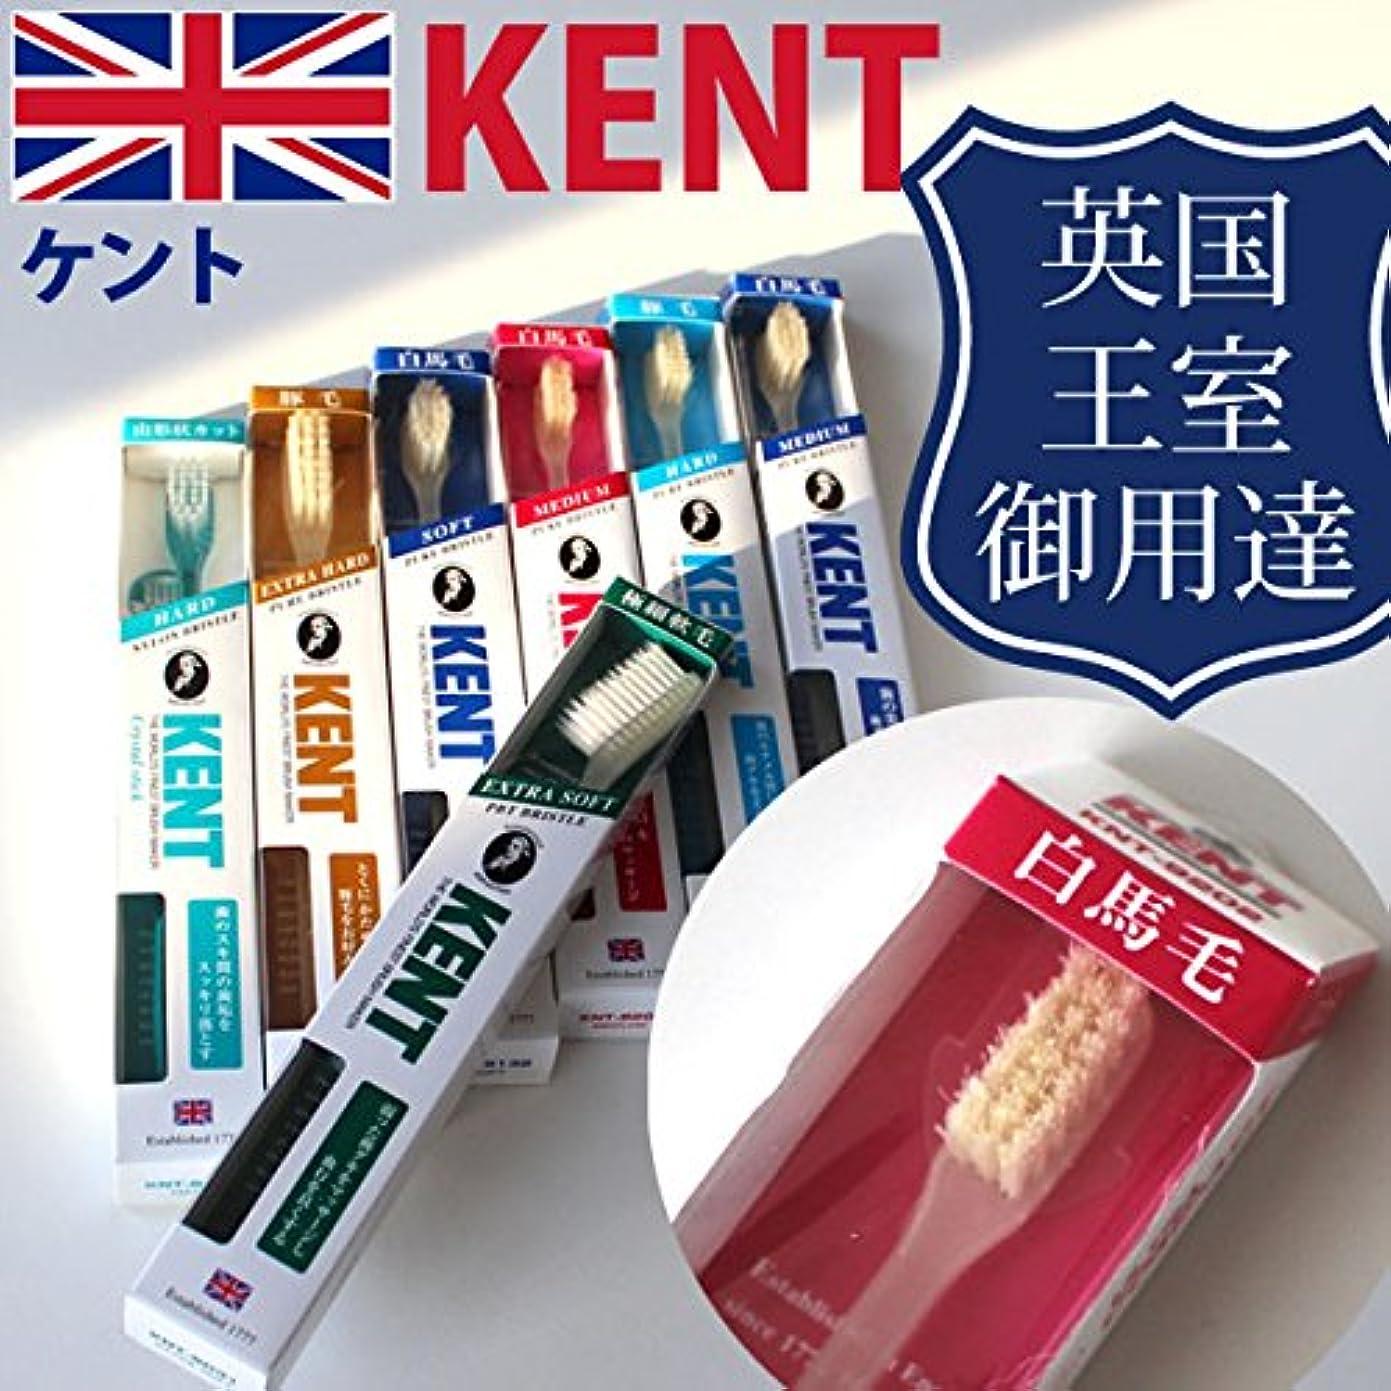 贅沢な泣き叫ぶラップトップケント KENT 白馬毛 超コンパクト歯ブラシ KNT-9102/9202 6本入り 他のコンパクトヘッドに比べて歯 ふつう